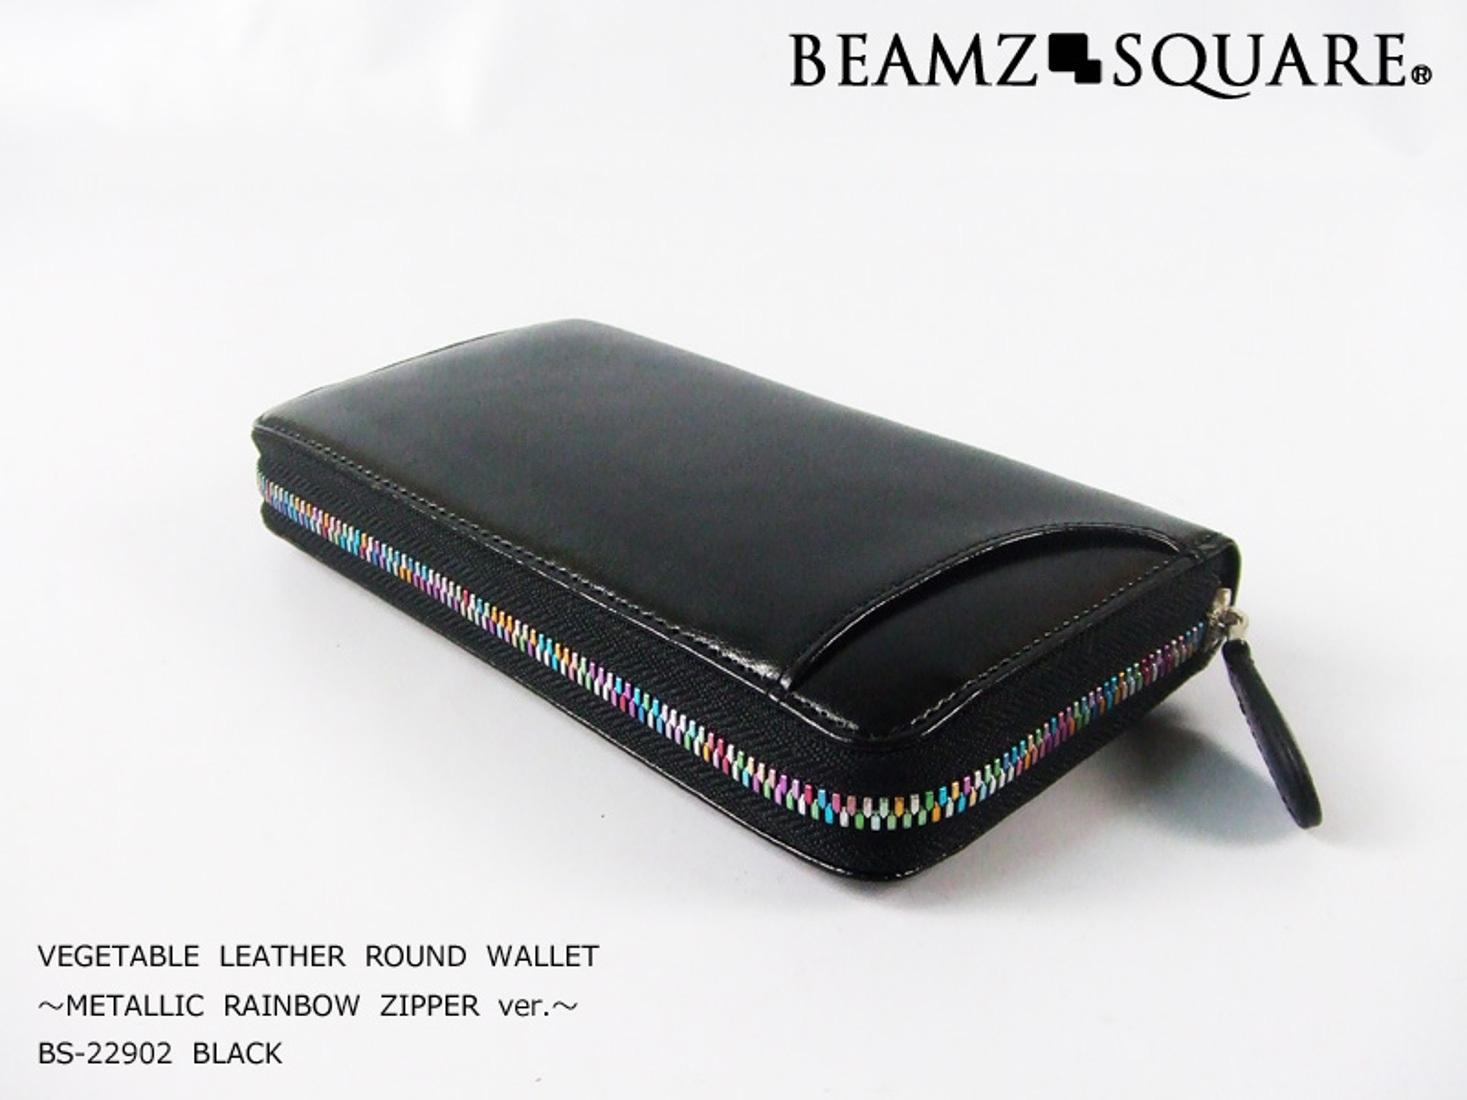 【メンズ財布】BEAMZSQUARE ベジタブルレザーラウンド長財布 ブラック